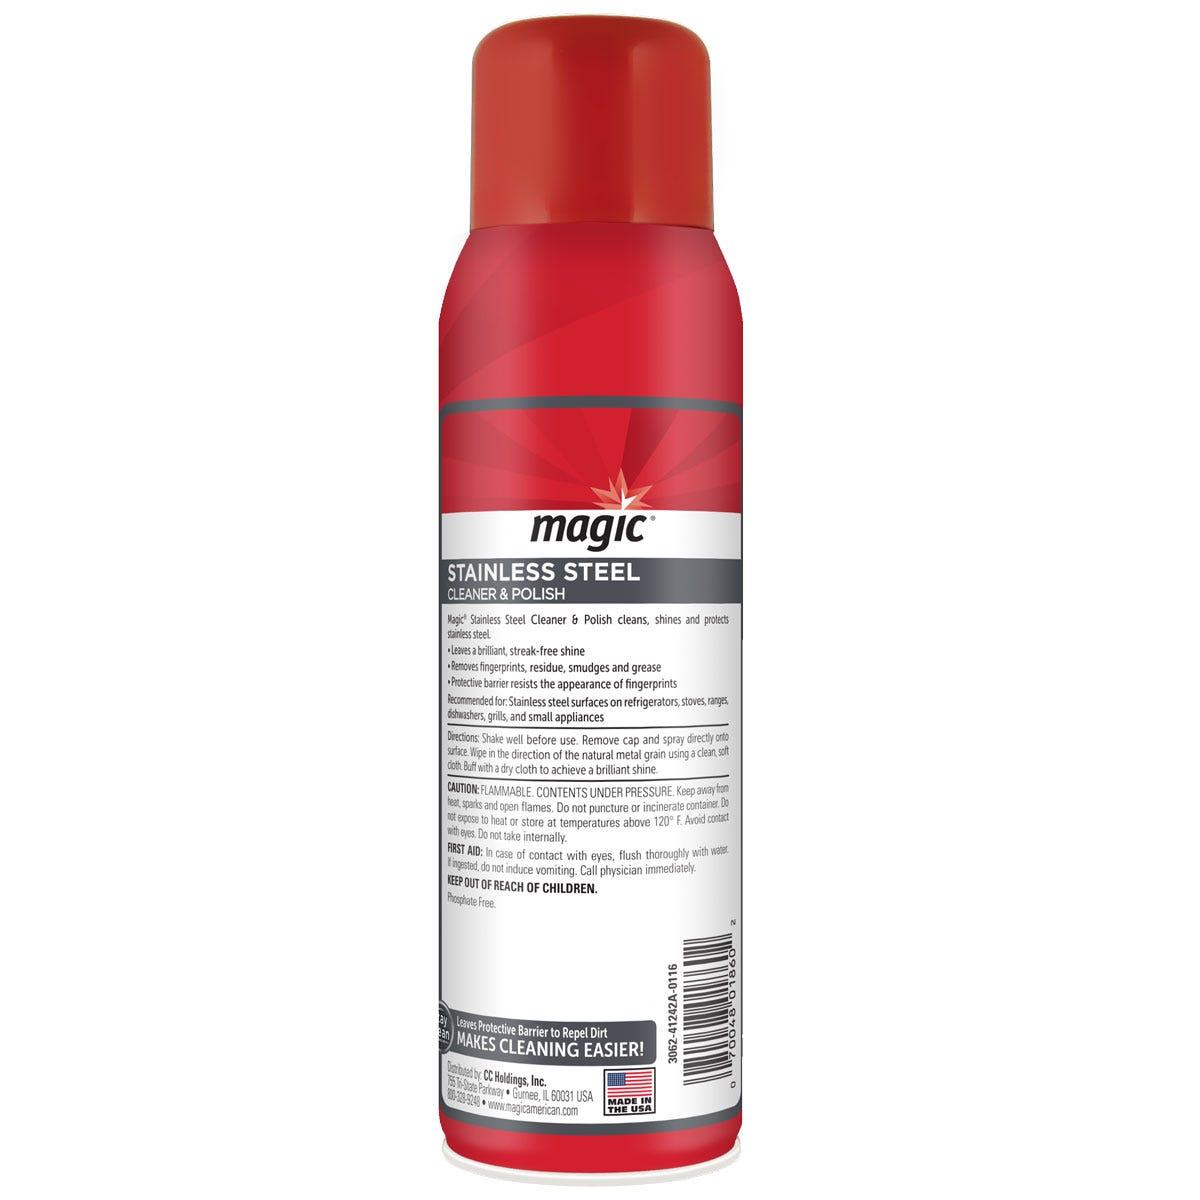 https://googone.com/media/catalog/product/m/a/magic-stainless-cleaner-aerosol_back.jpg